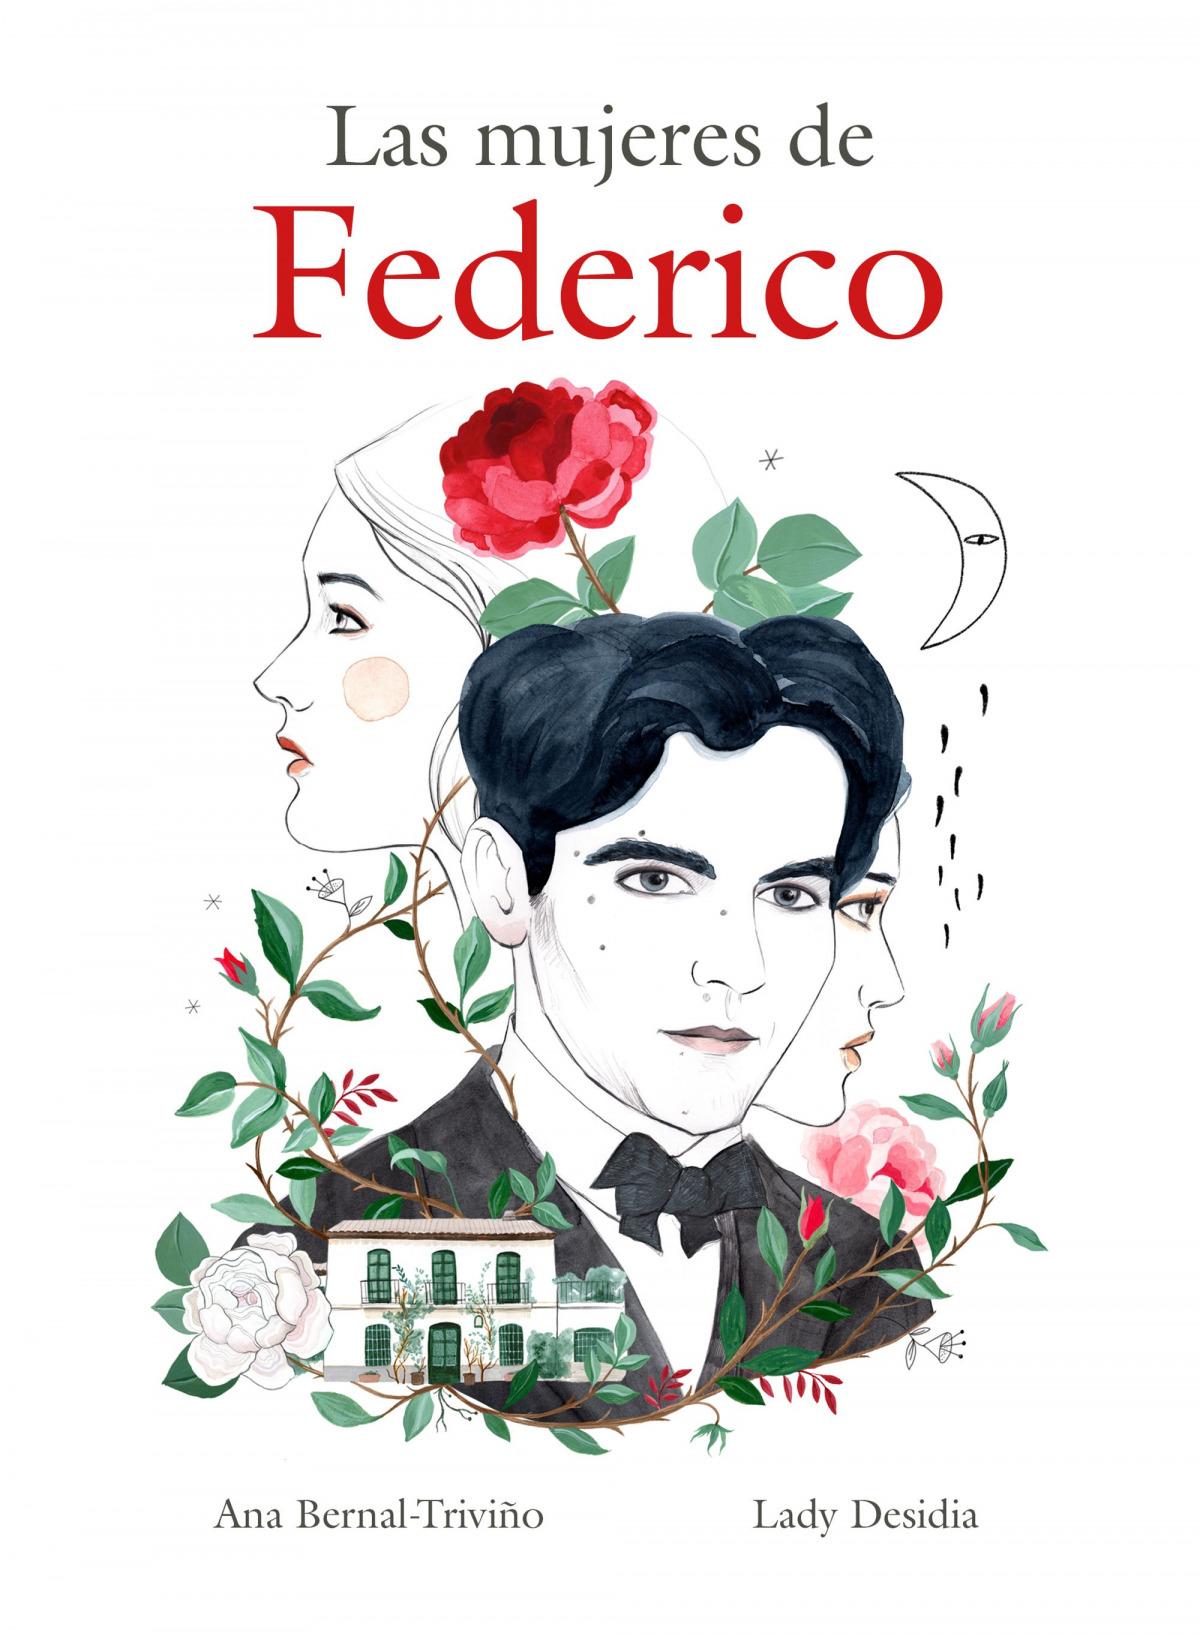 Las mujeres de Federico